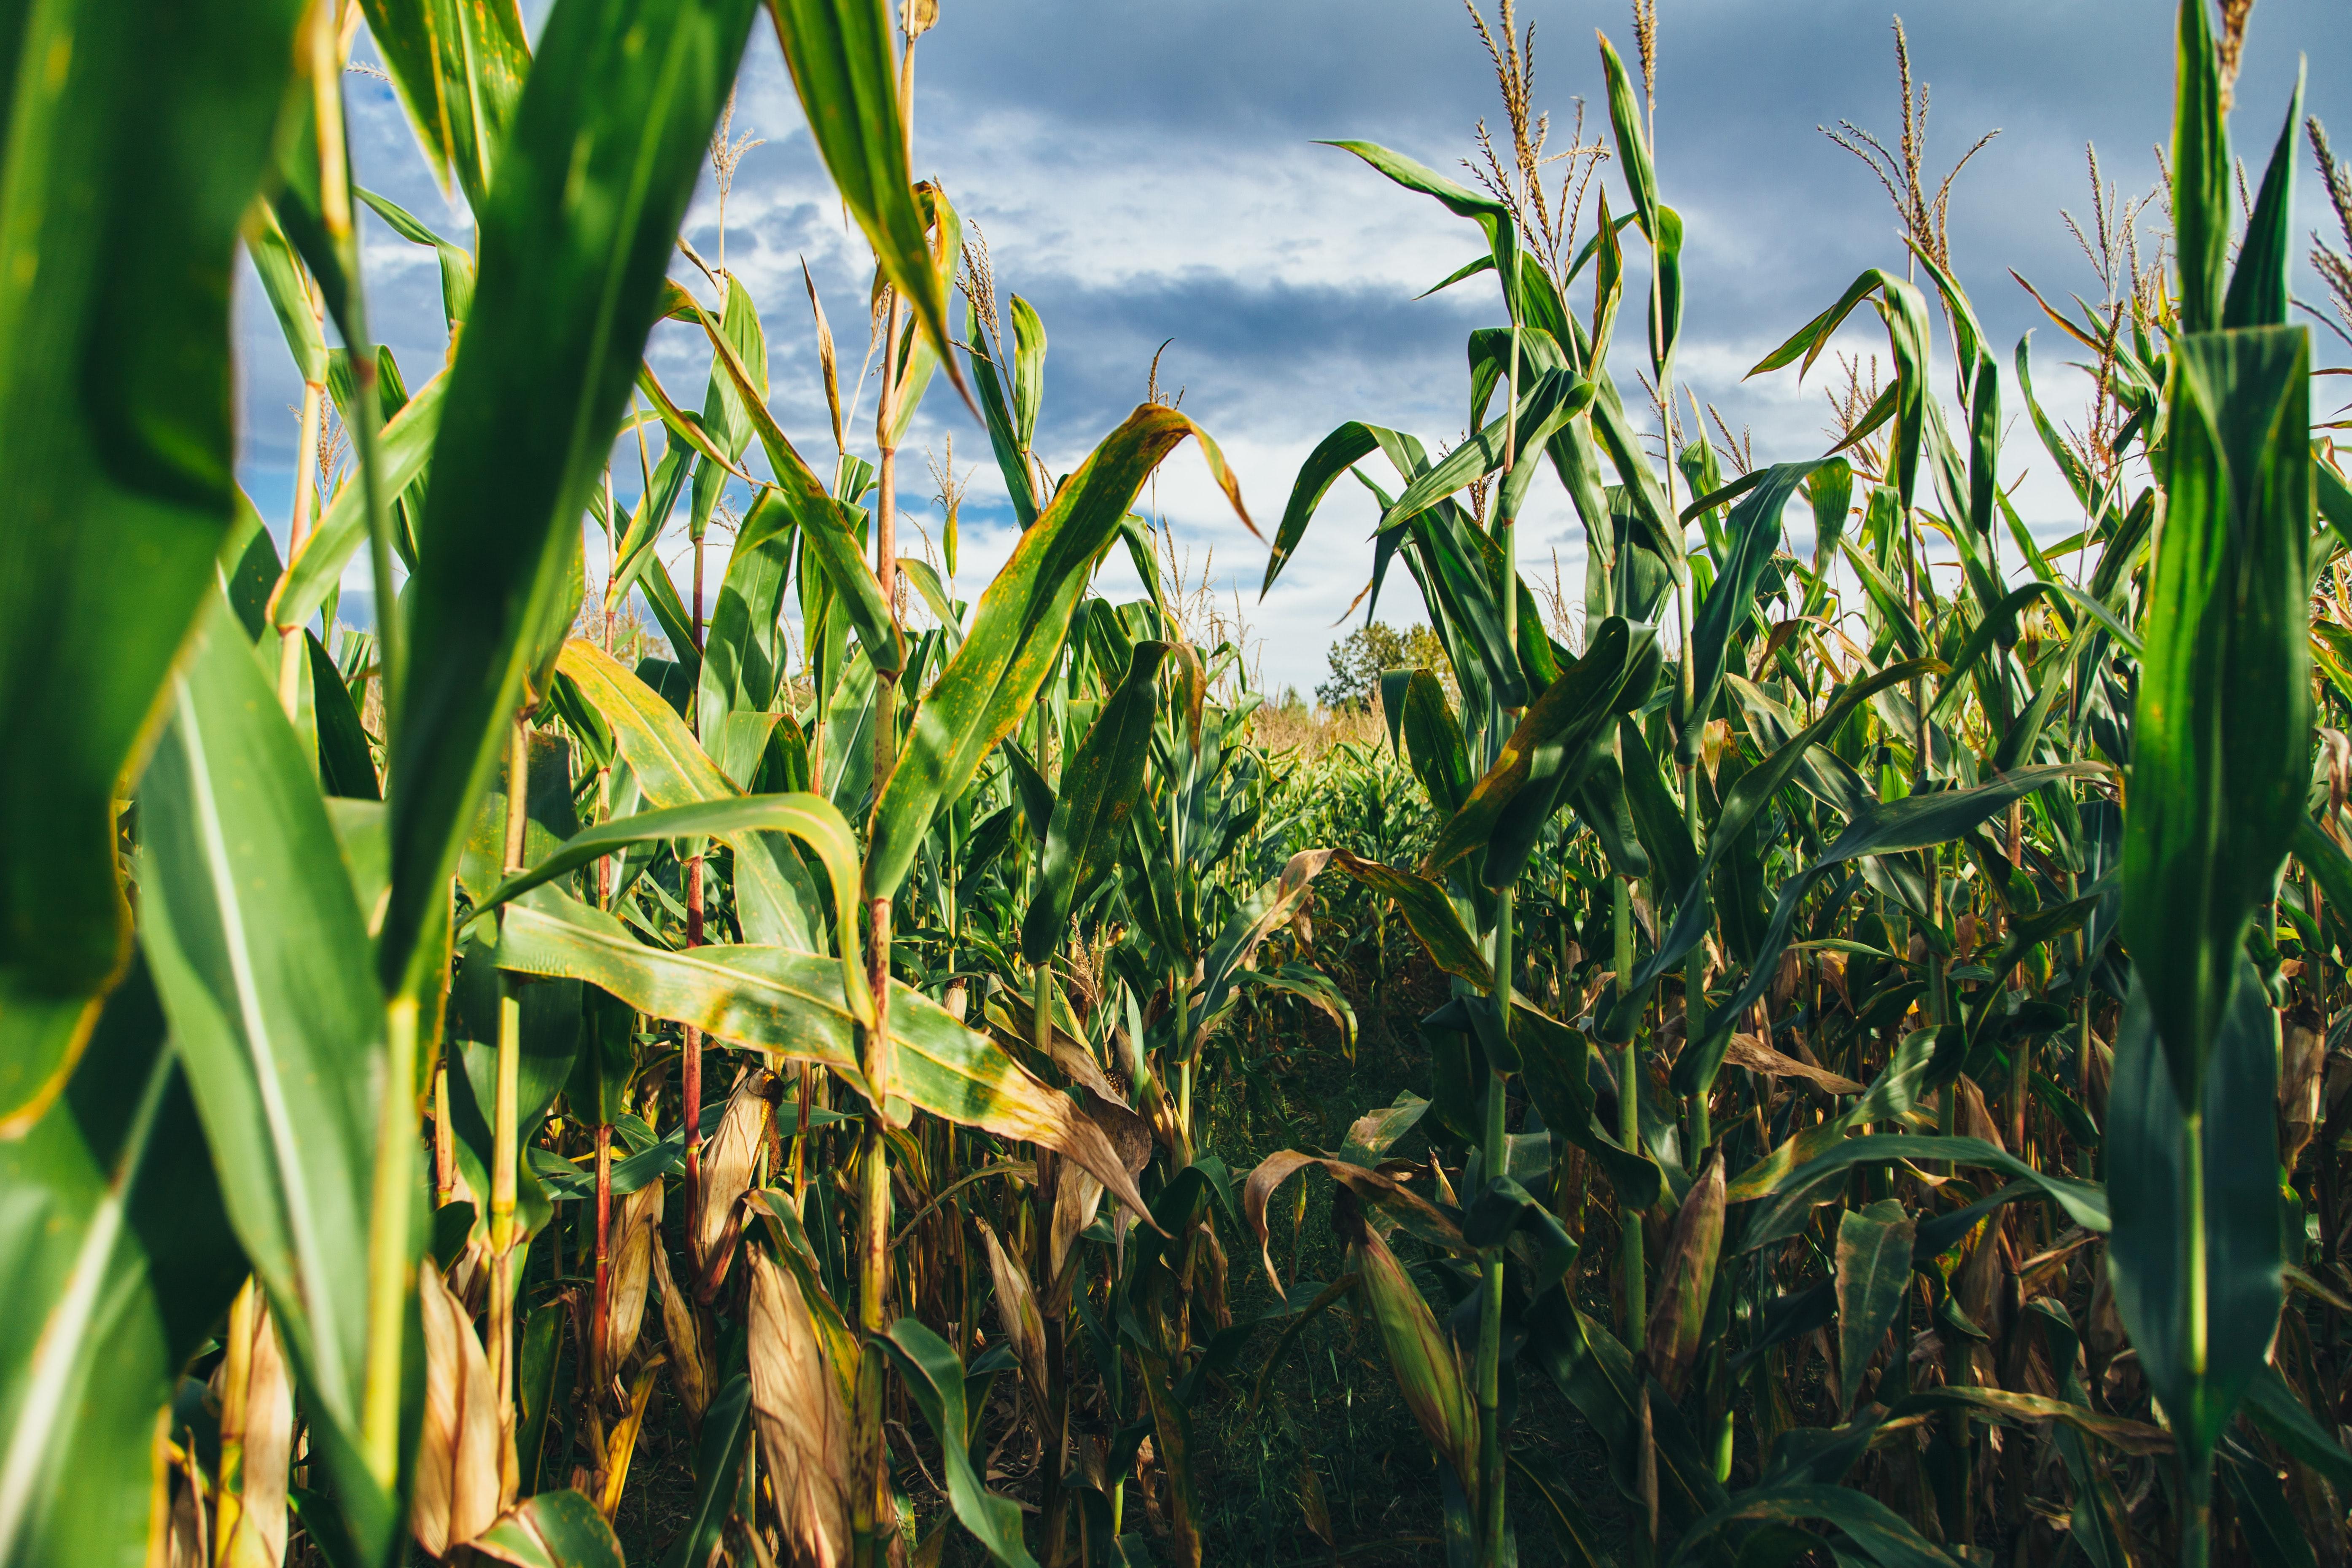 Fazenda com plantio de milho